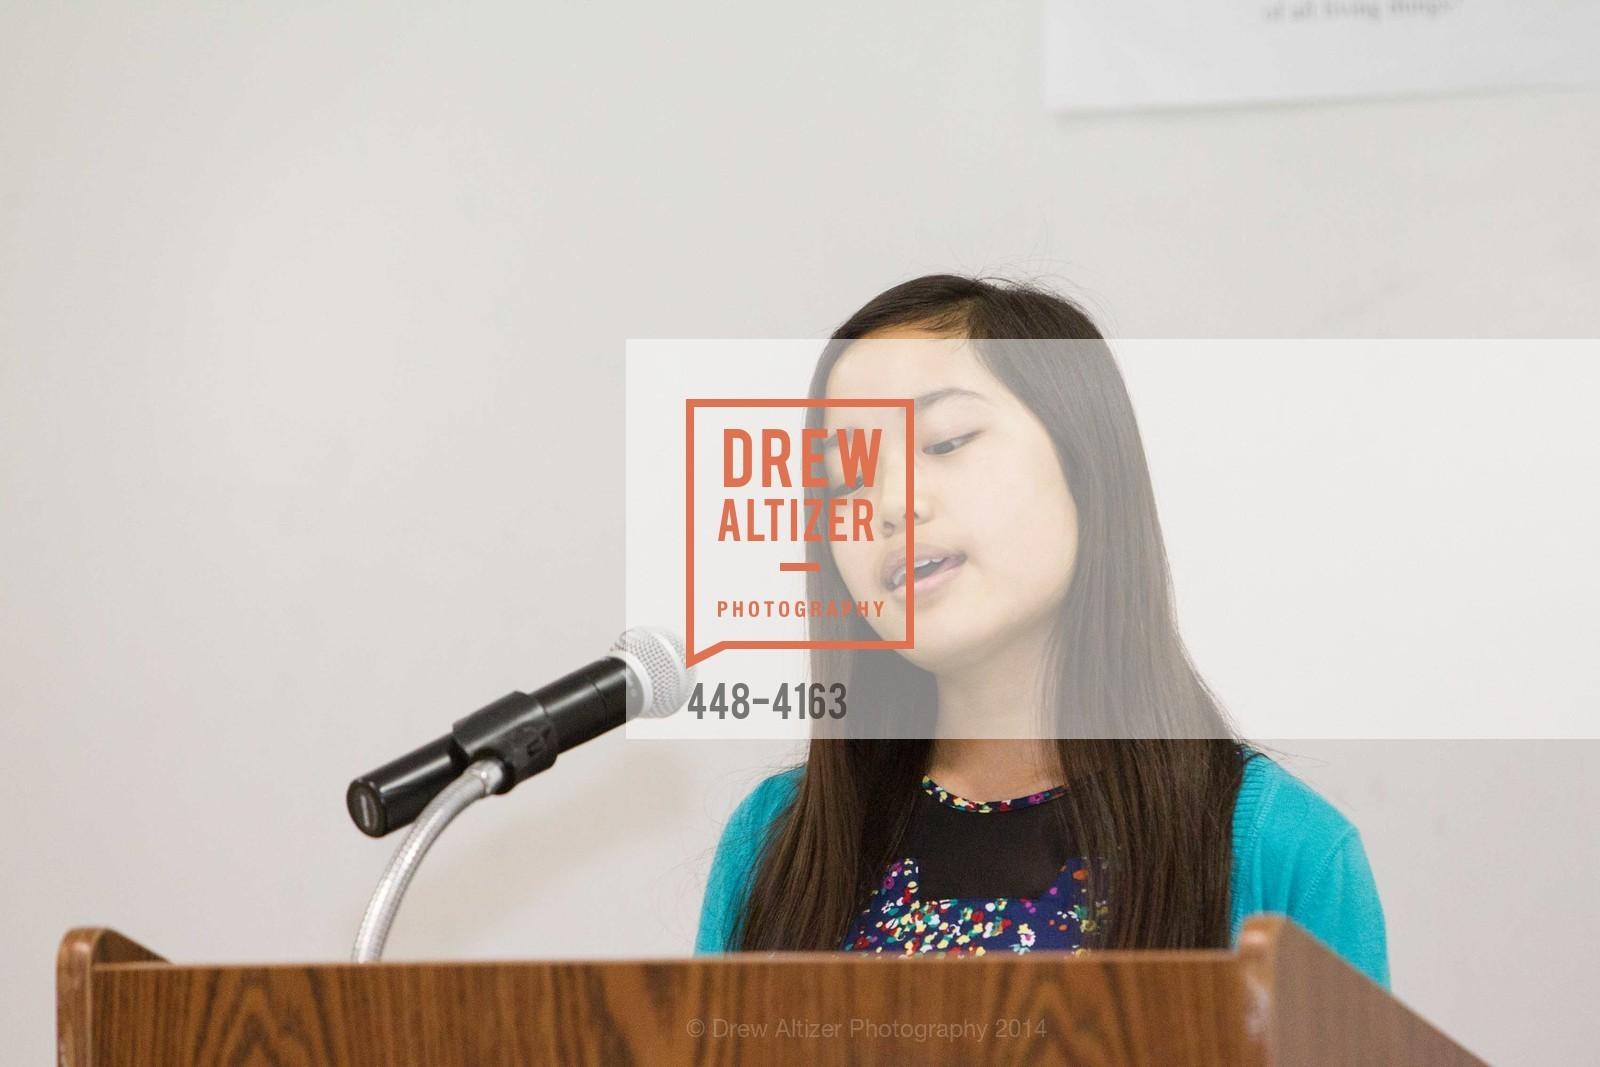 Angela Xie, Photo #448-4163